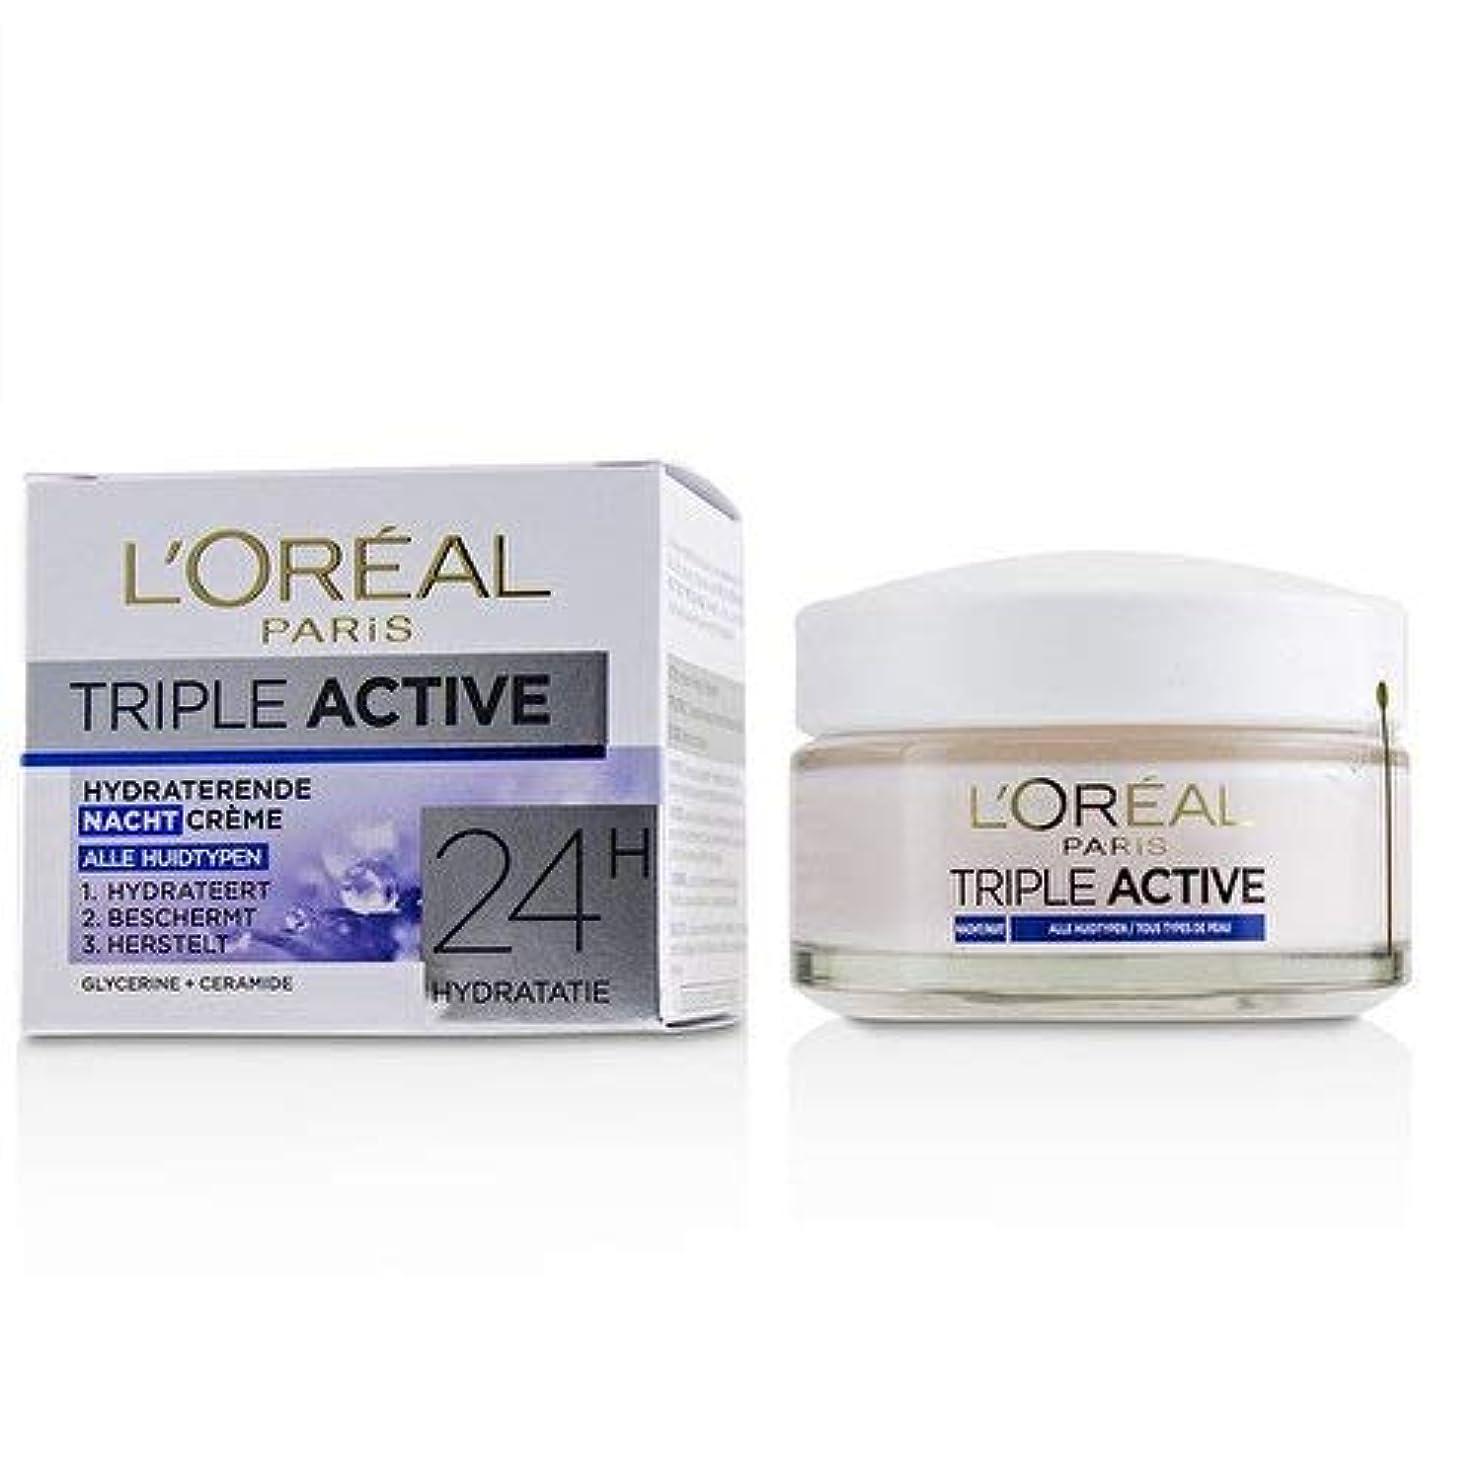 優越弾丸サスペンションロレアル Triple Active Hydrating Night Cream 24H Hydration - For All Skin Types 50ml/1.7oz並行輸入品